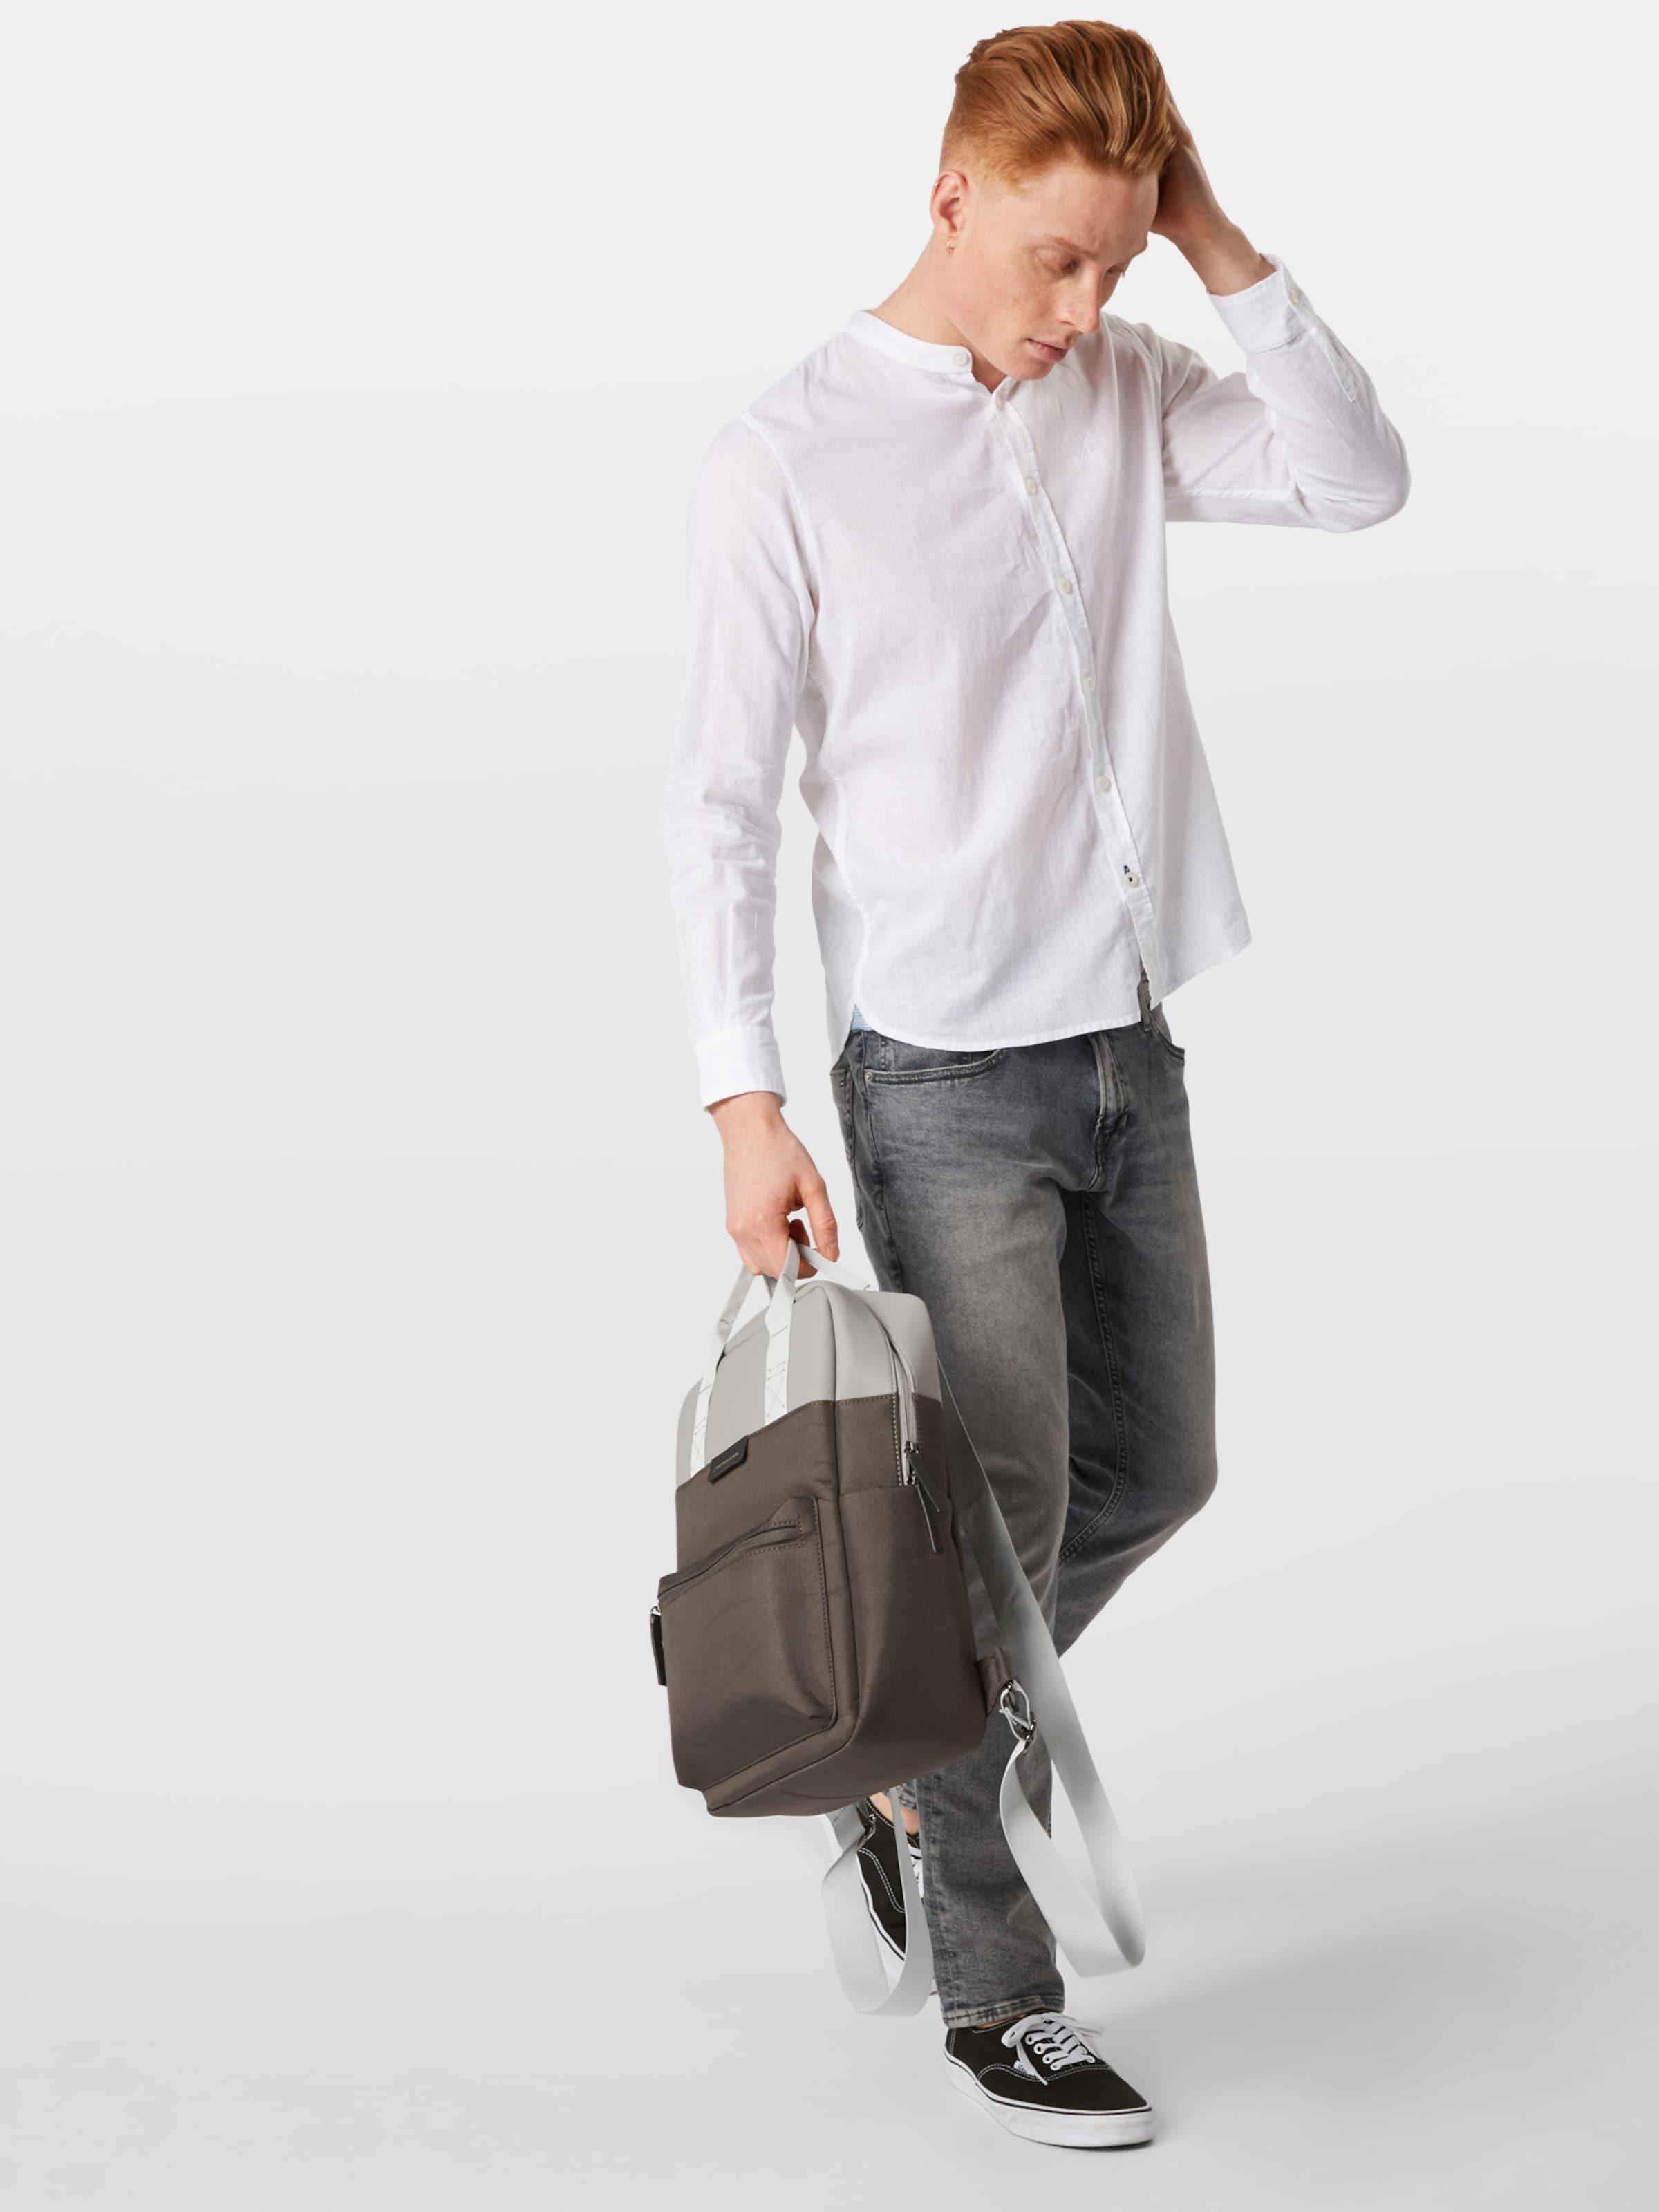 Tailor En Chemise Blanc Chemise Tom En Tom Tailor Blanc 8vmwOnNPy0